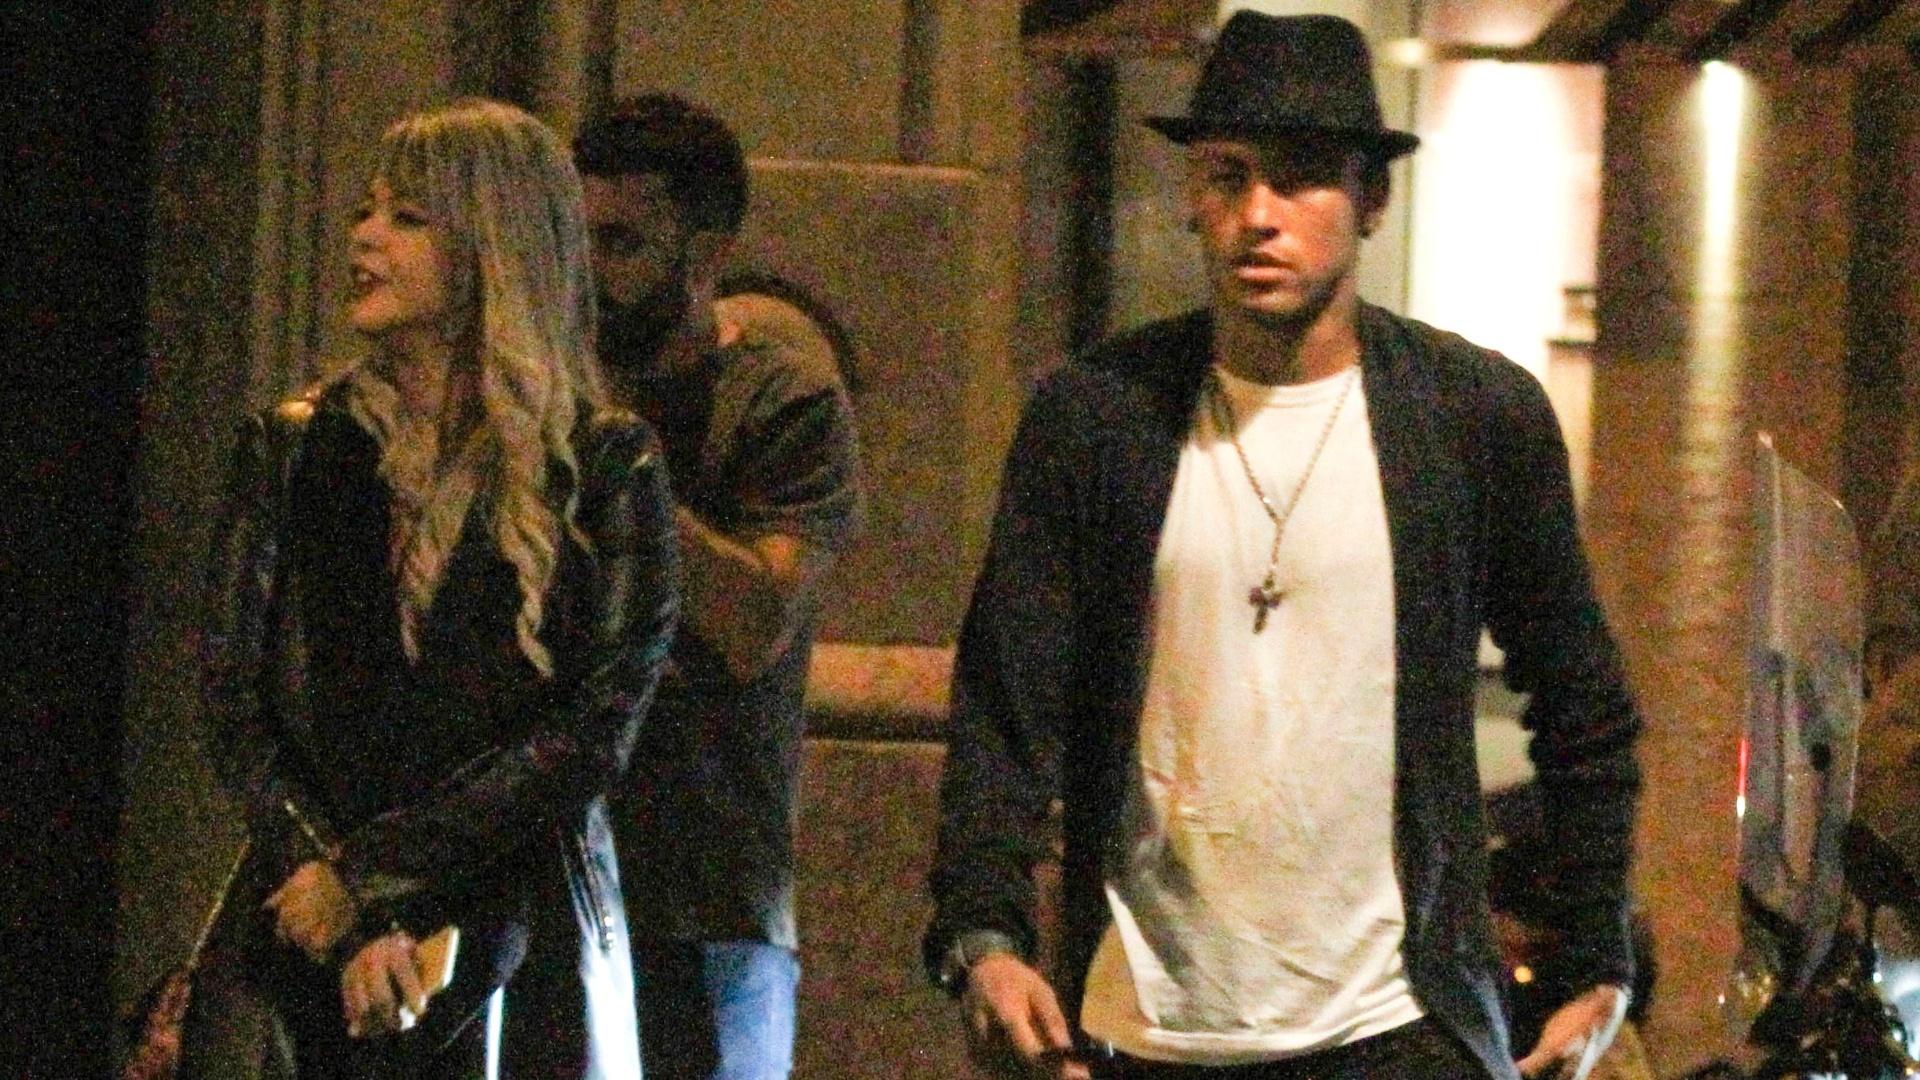 21.set.2015 - Neymar é fotografado ao lado de loira ao deixar restaurante em Barcelona (Espanha), na madrugada de segunda-feira. Segundo a agência Grosby Group, o jogador de futebol jantou com a mulher e com um grupo de amigos após uma partida do Barcelona contra o Levante